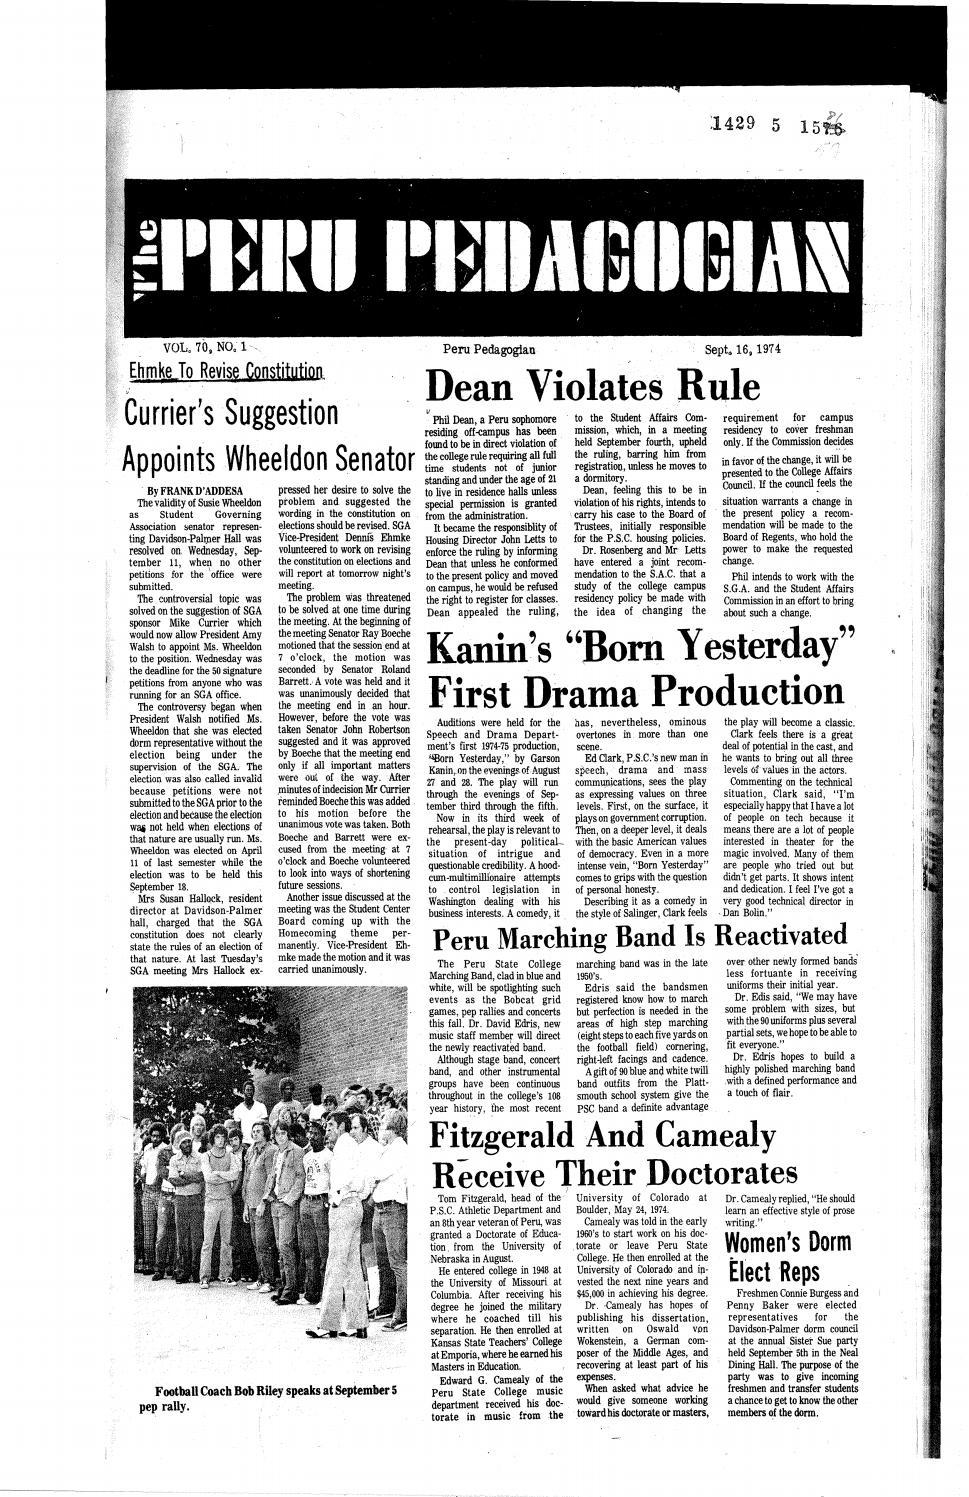 a1a44e0e4 1974-1975 Peru Pedagogian by Peru State College Library - issuu